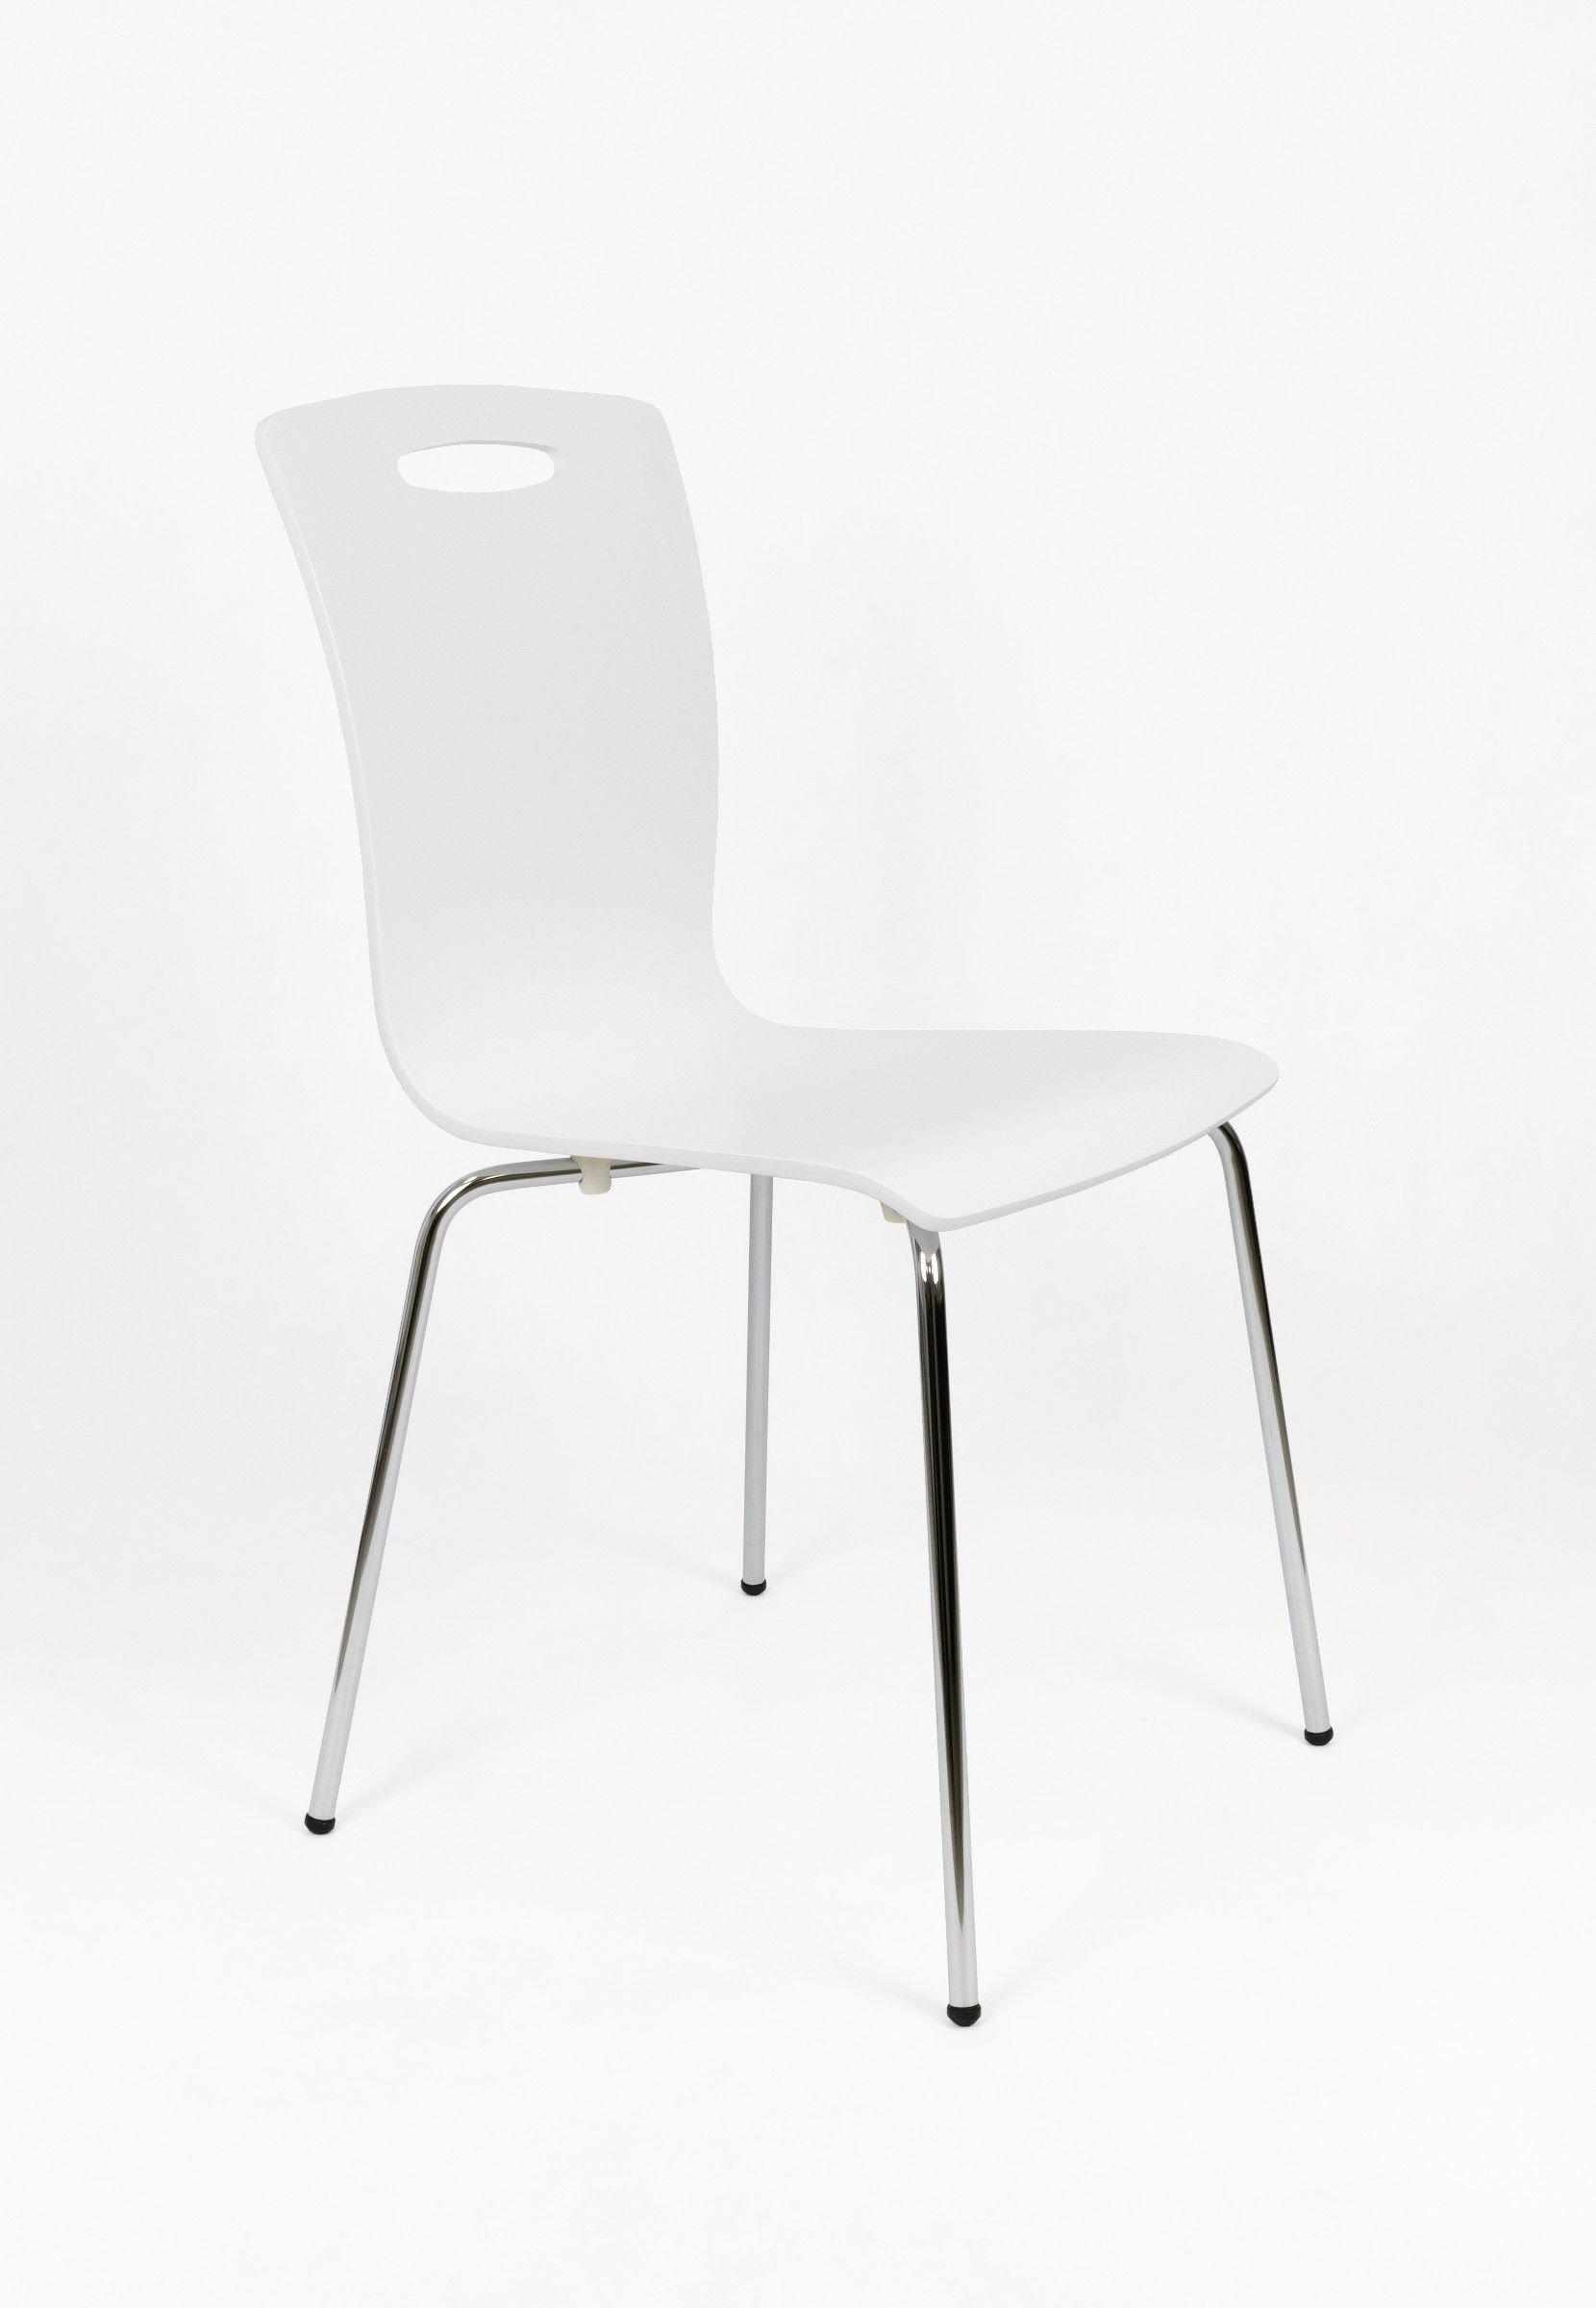 sk design skd002 stuhl weiss holz weiss angebot. Black Bedroom Furniture Sets. Home Design Ideas